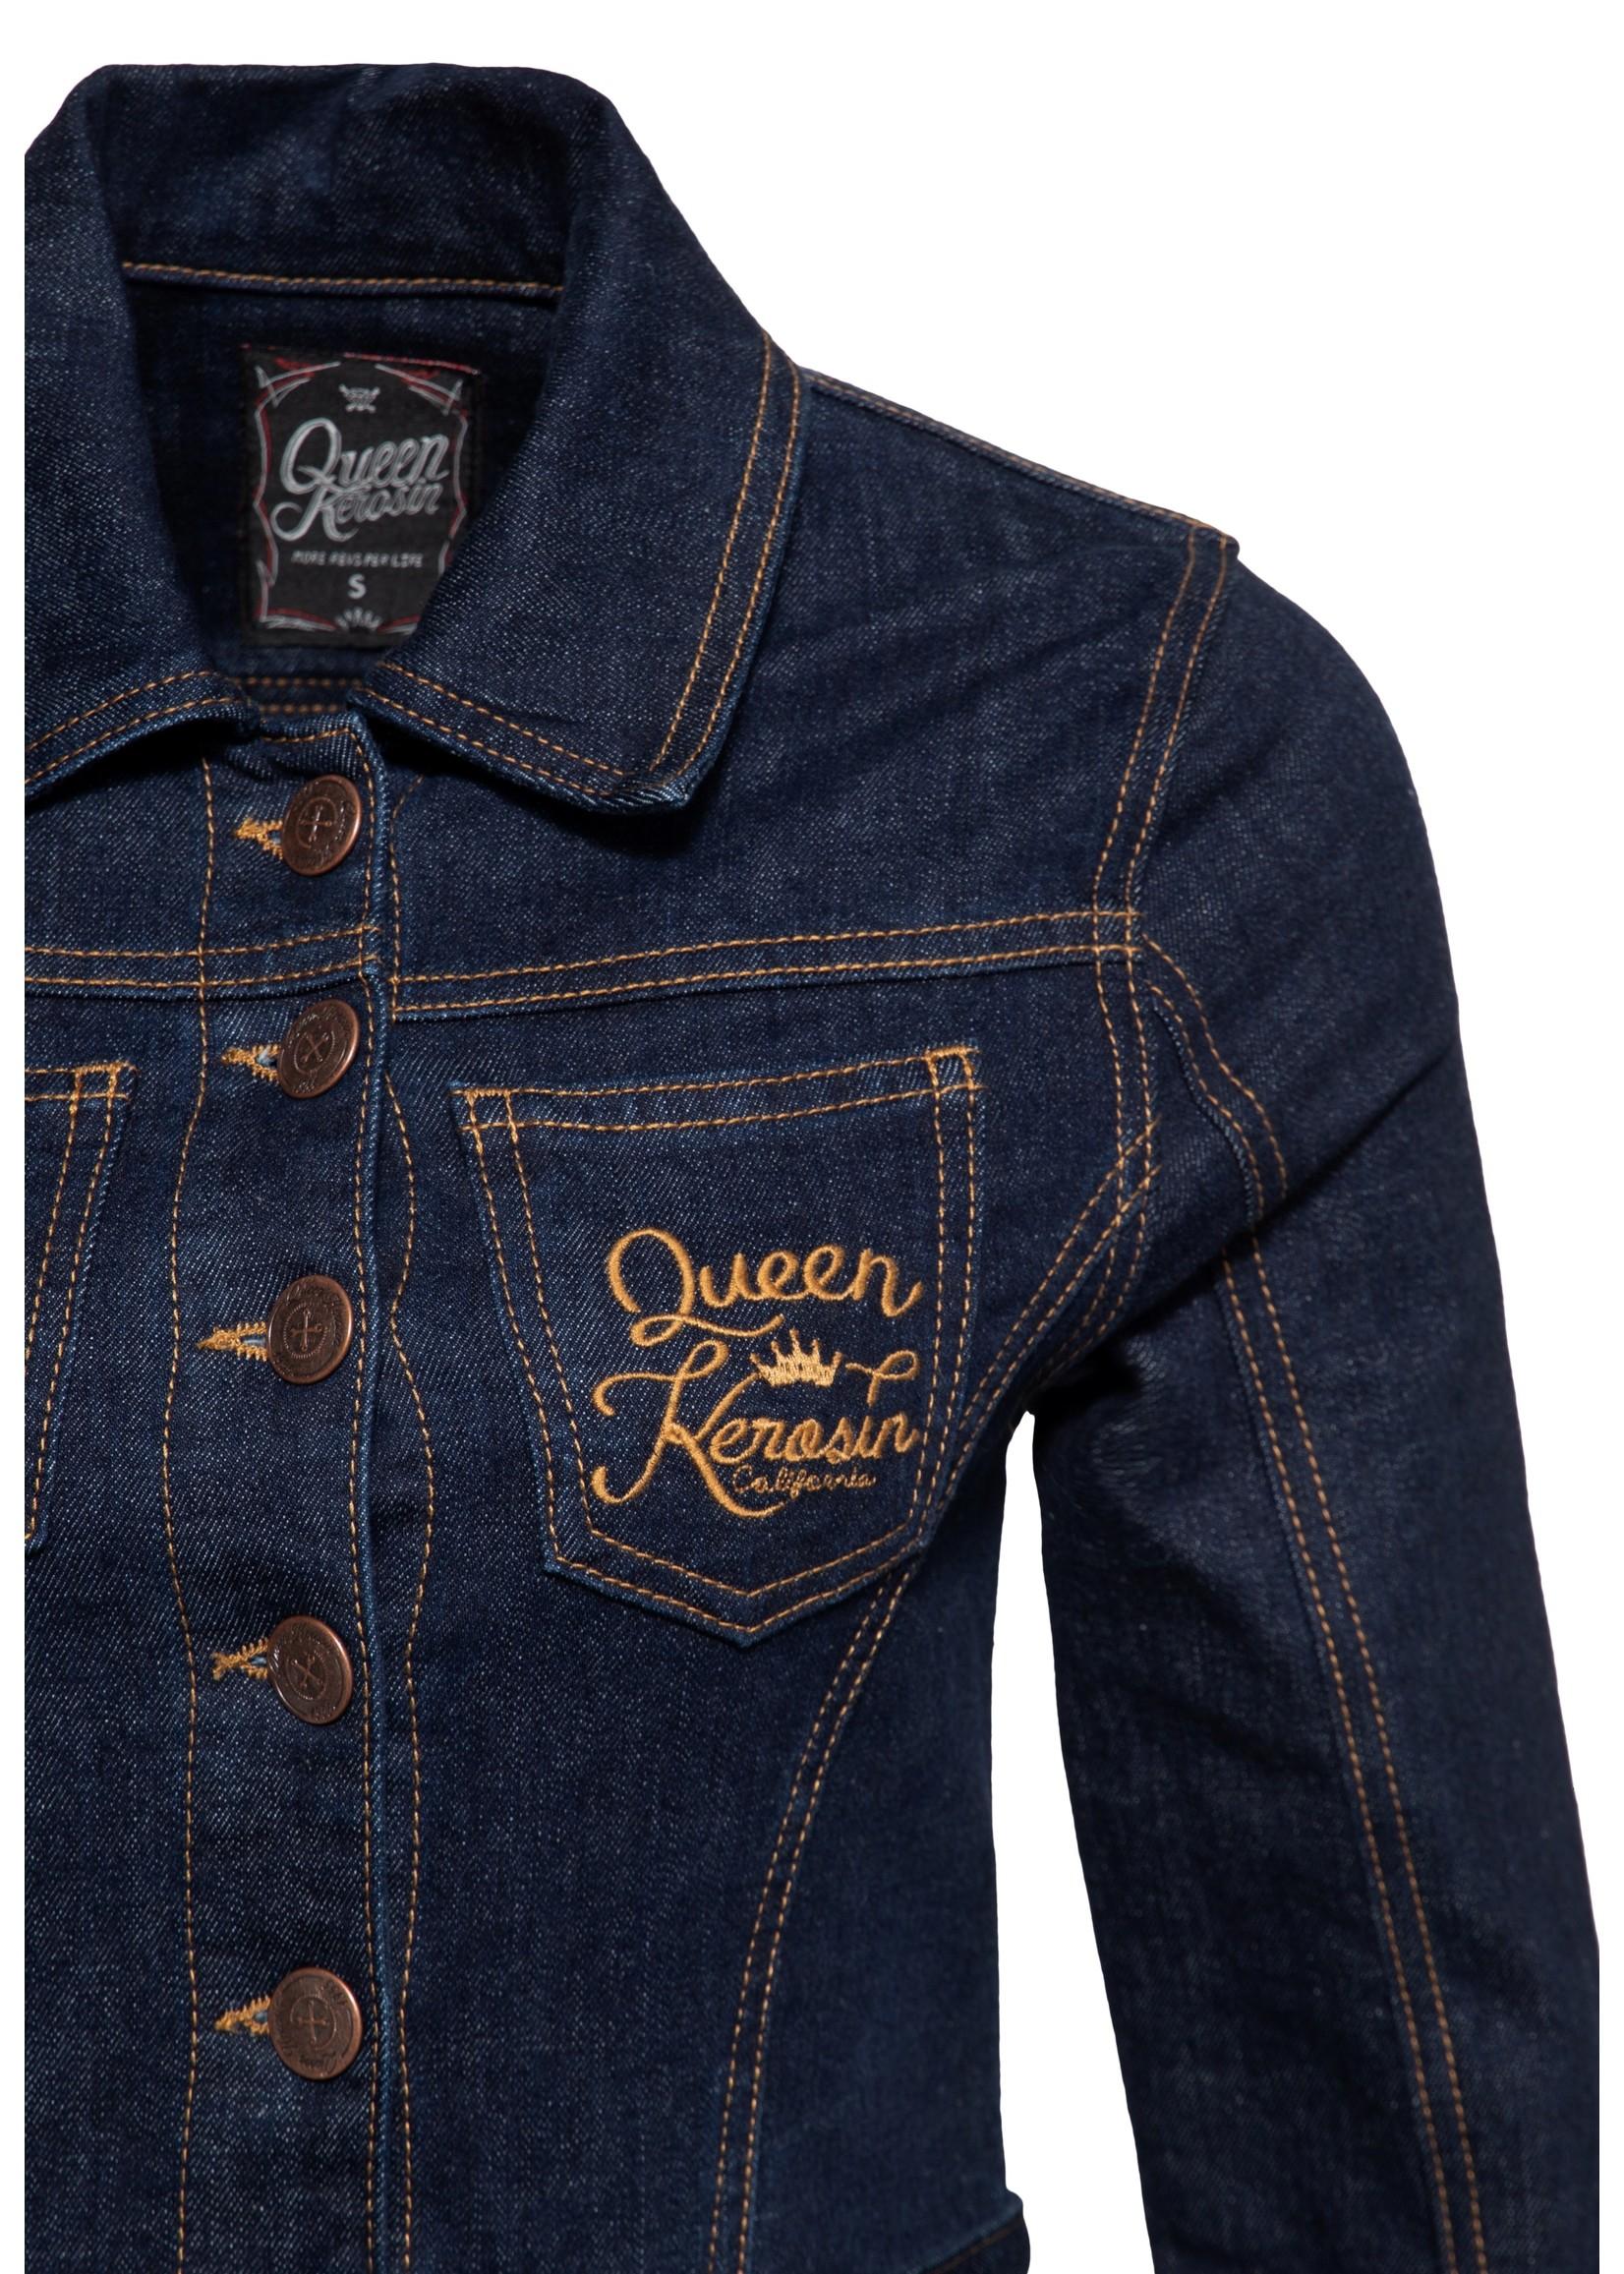 Queen Kerosin Queen Kerosin 50s Q Crown Blouse Swing Jurk in Dark Blue Wash